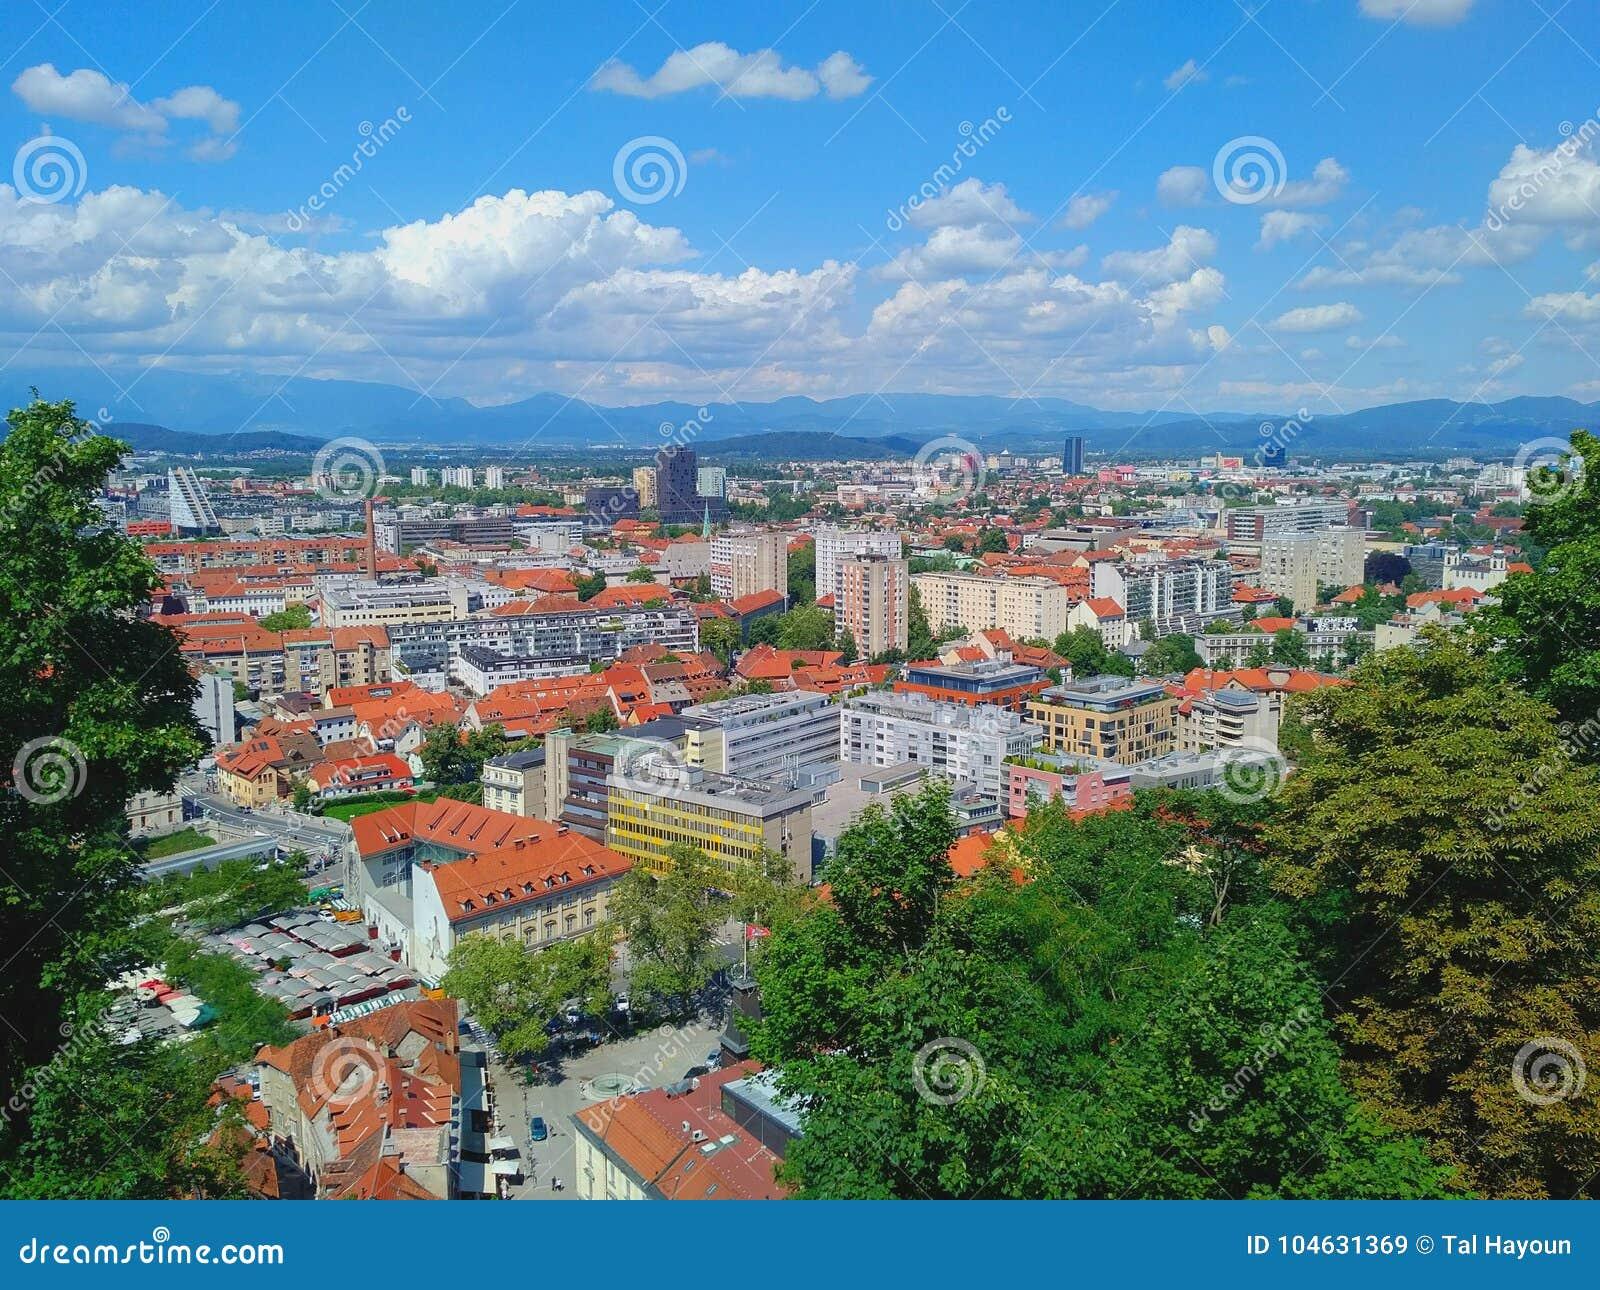 Download Ljubljana, Slovenië - Stadsmening Van Hierboven Redactionele Stock Afbeelding - Afbeelding bestaande uit avontuur, hierboven: 104631369